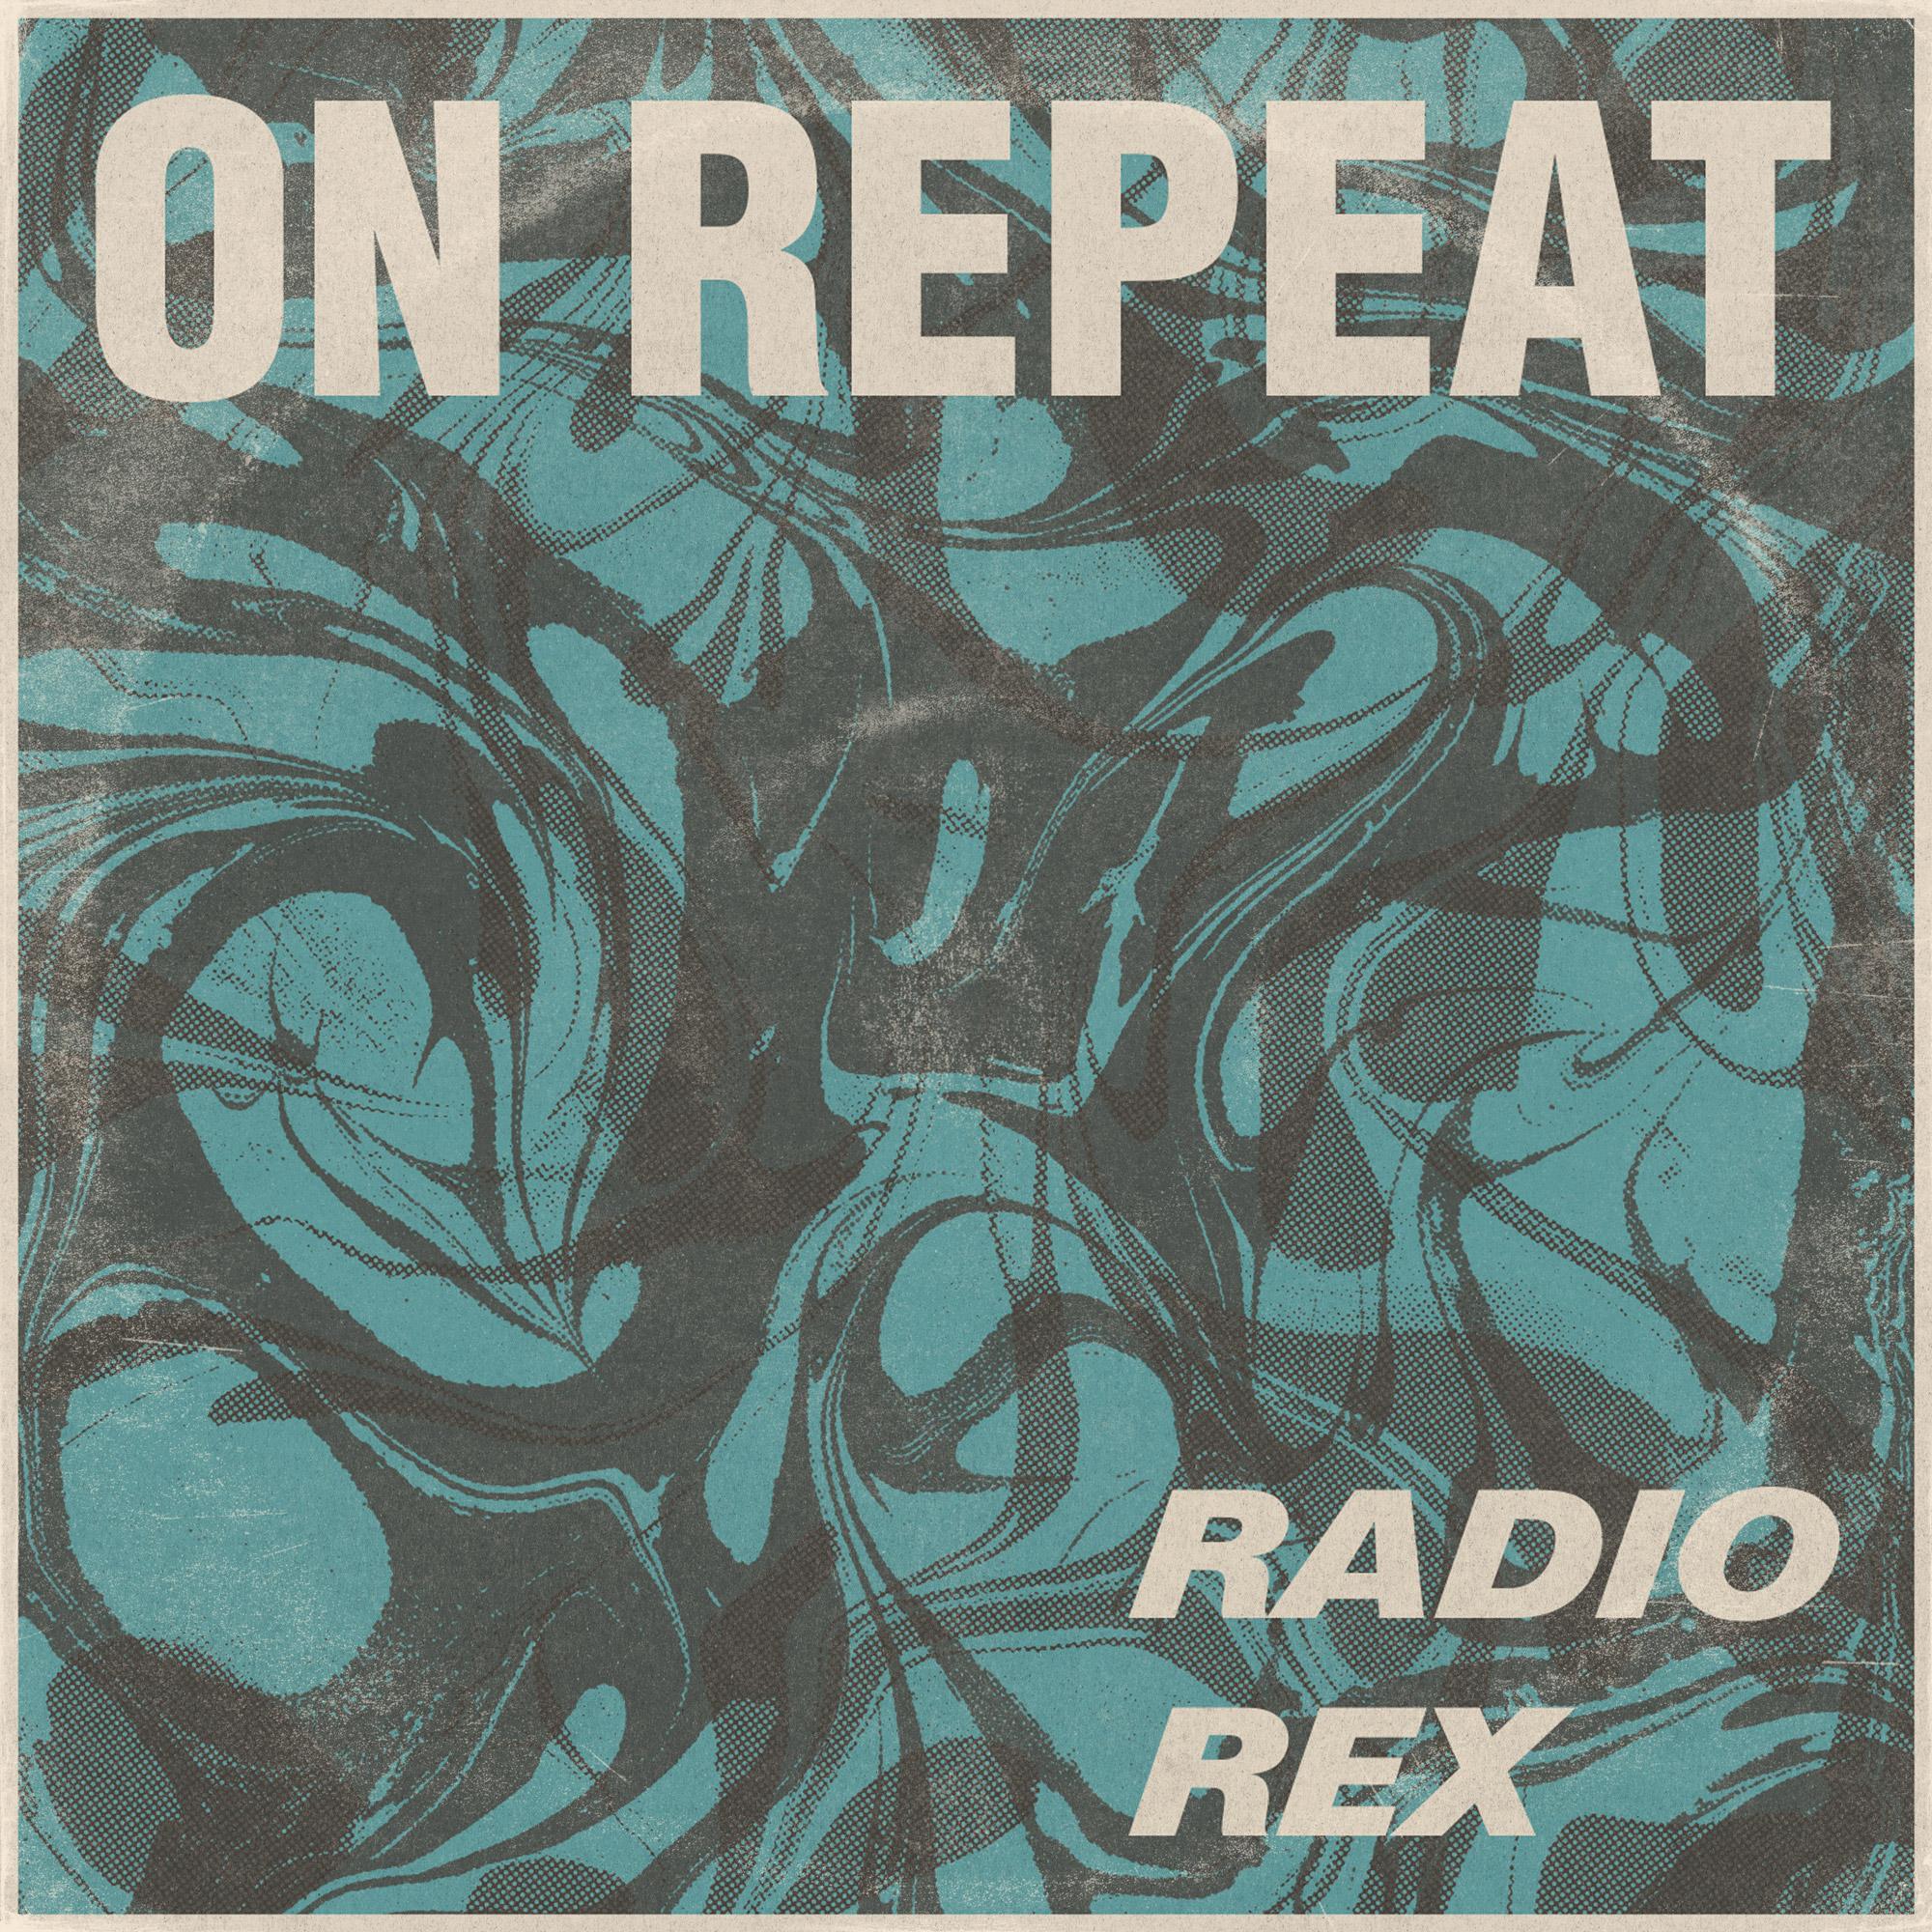 ON REPEAT: Nuestras canciones favoritas en una playlist mensual. - Playlist de actualización mensual. Canciones destacadas de las bibliotecas de los integrantes de la familia REX. Música diversa: temas clásicos y nuevos lanzamientos.